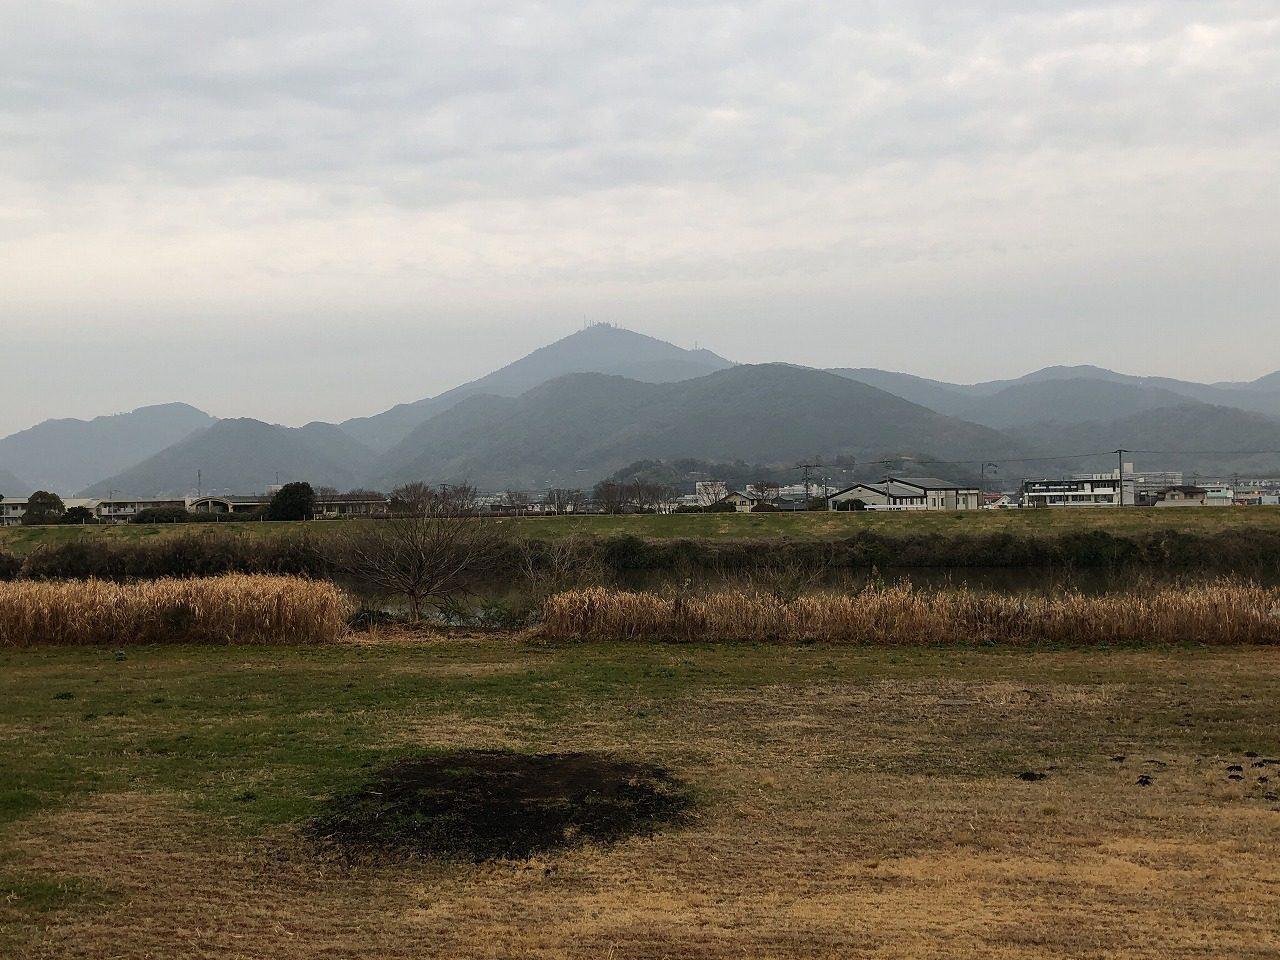 2019.2.8今朝の金峰山です!